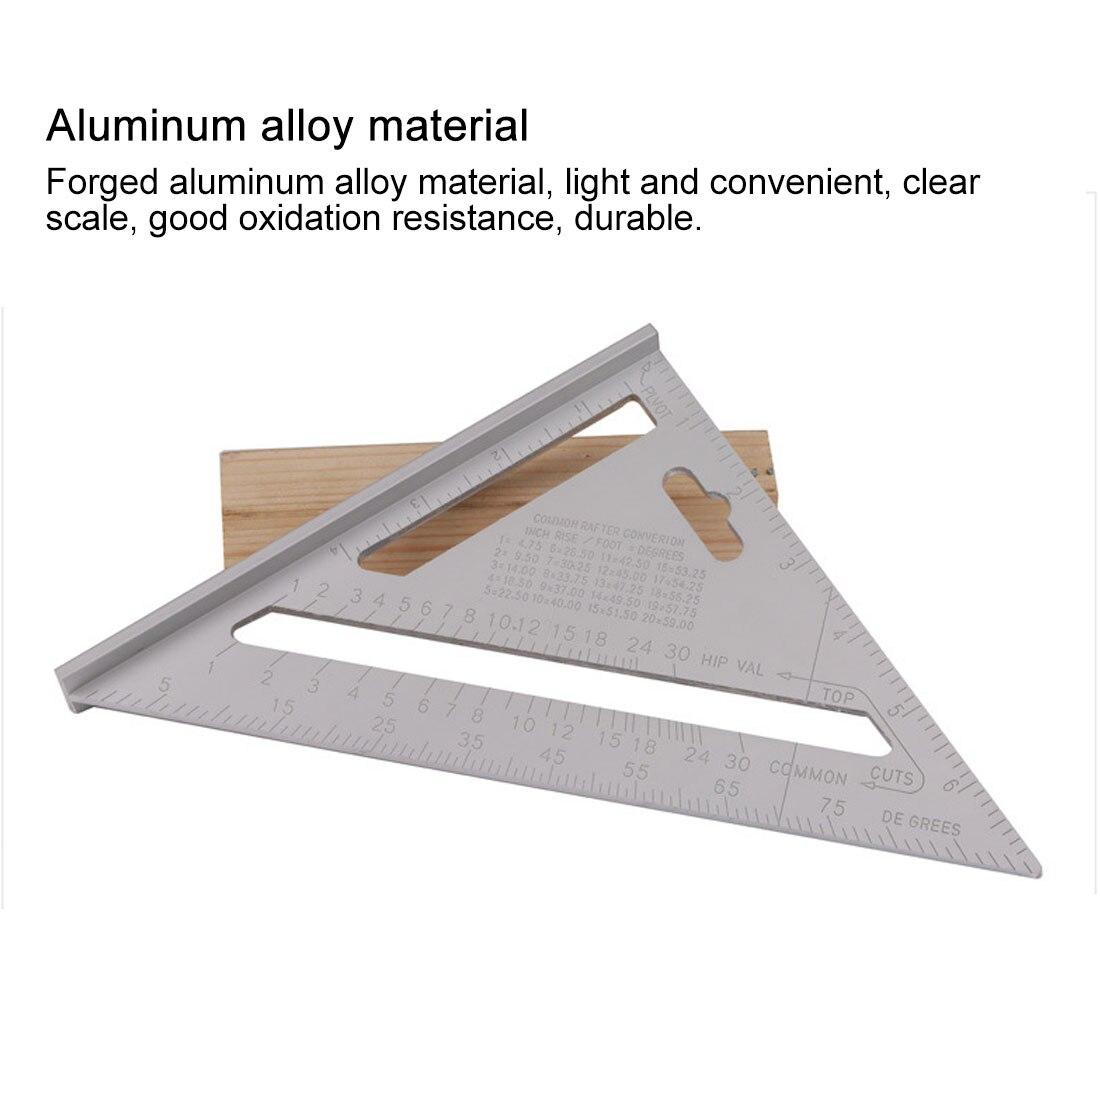 Измерительная линейка из алюминиевого сплава, измерительные приборы, треугольная квадратная линейка, скорость, квадратная кровля, треугол...